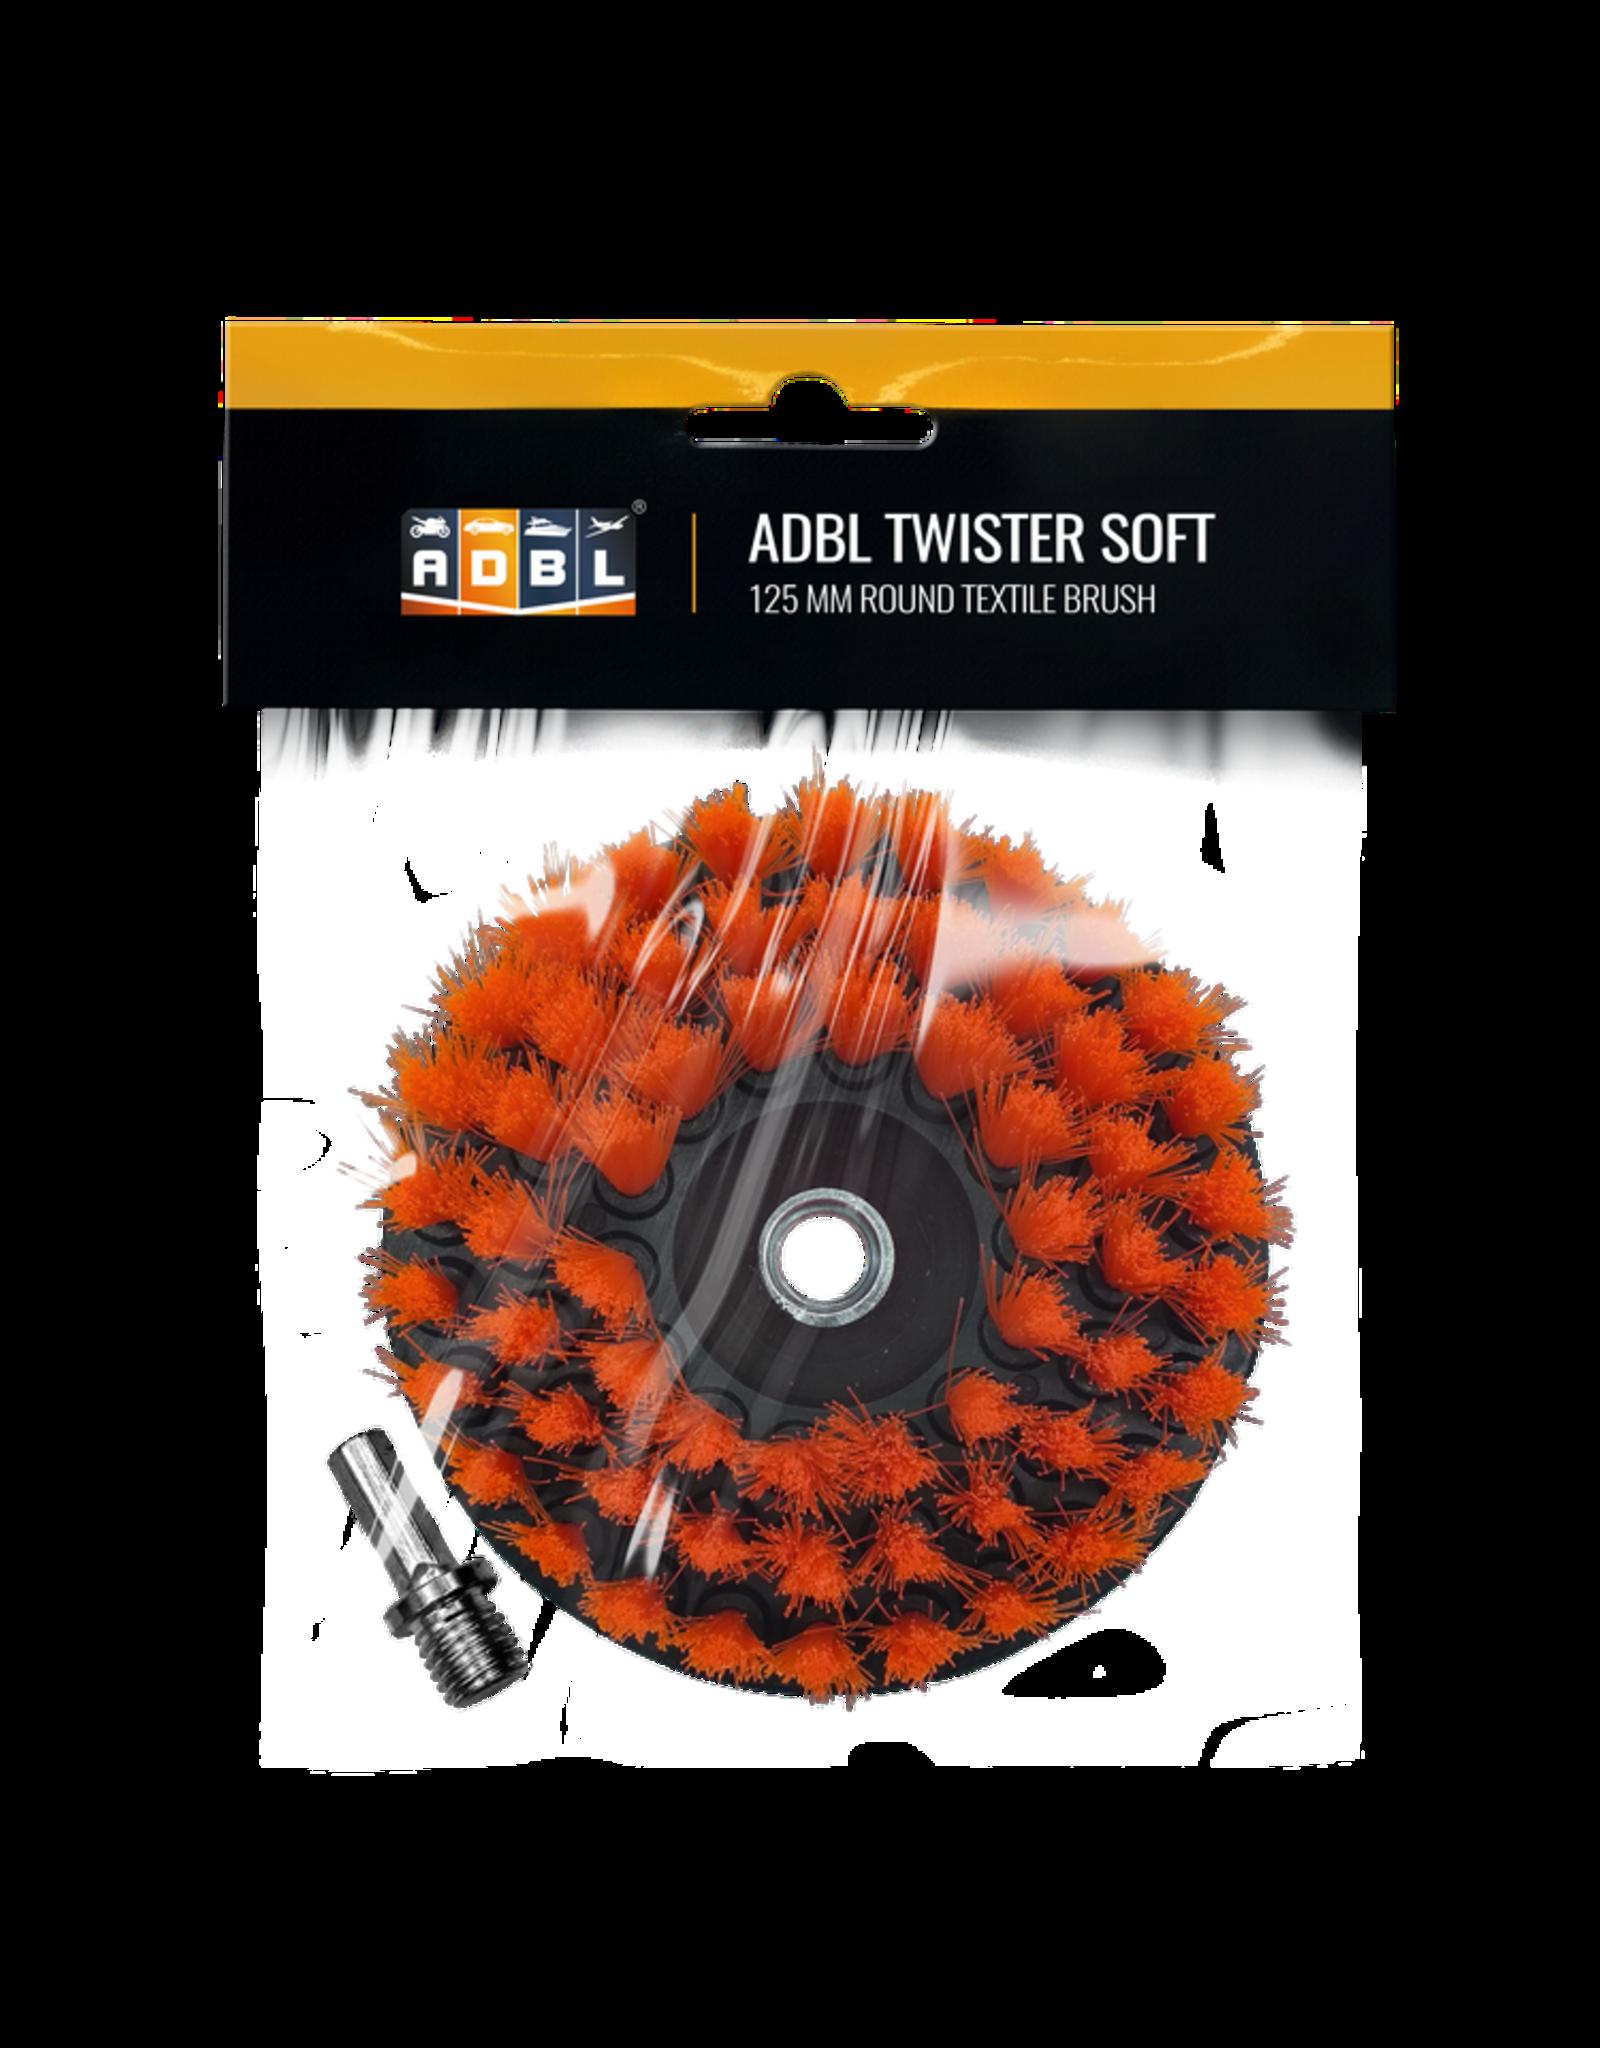 ADBL Twister Soft 125ml